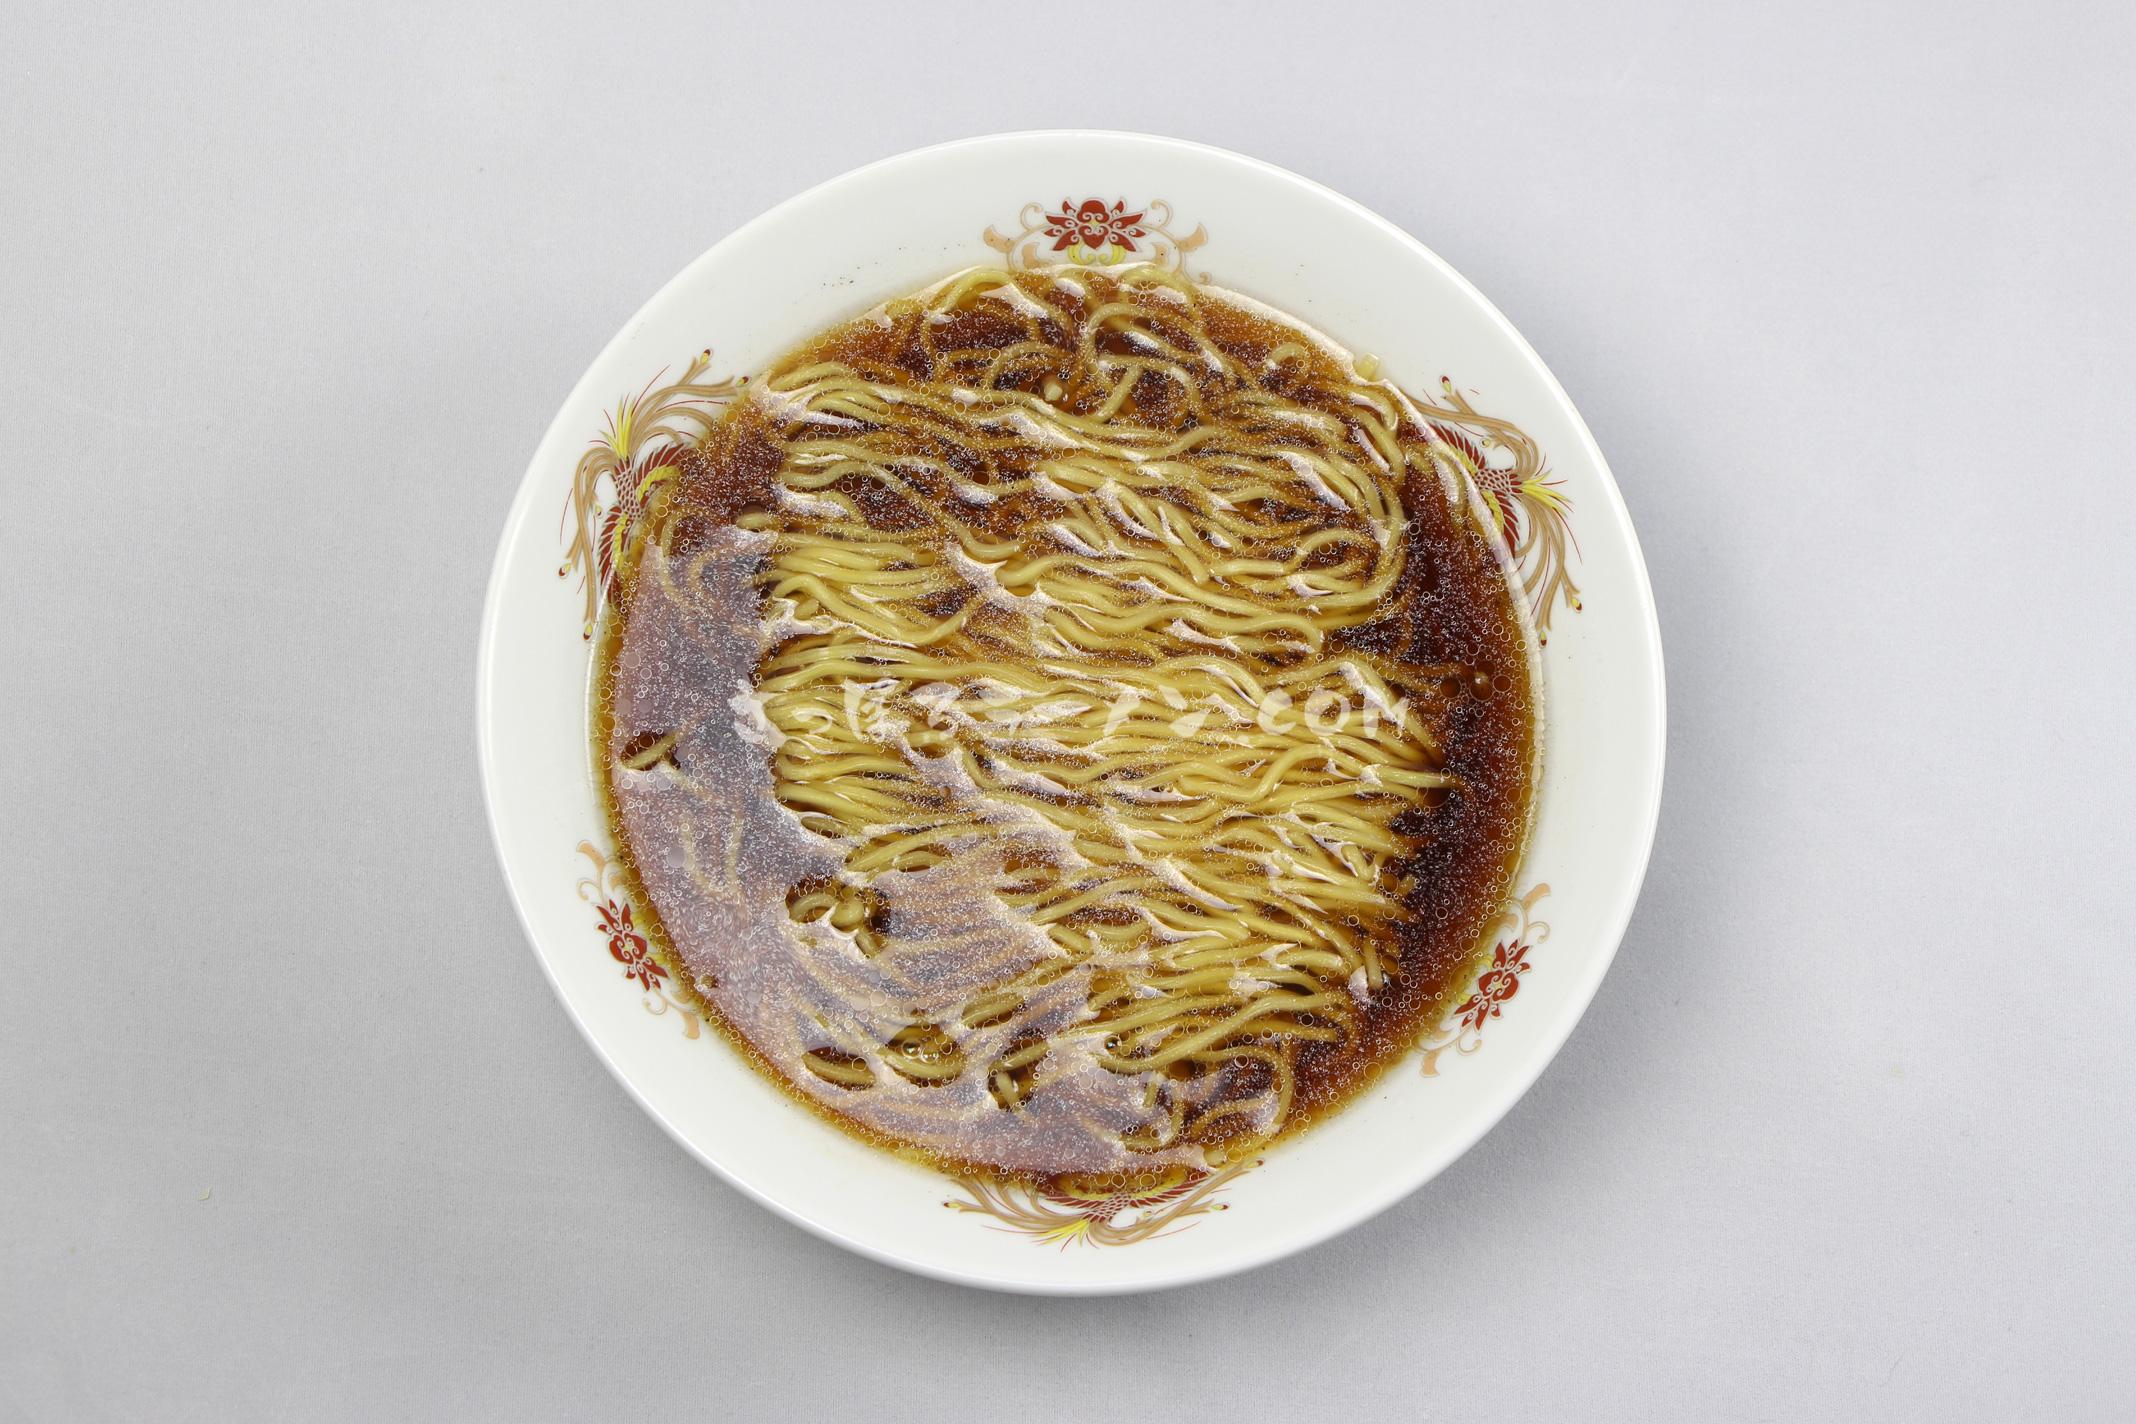 「ラーメン専門 三代目 月見軒 醬油味」(藤原製麺)の完成画像